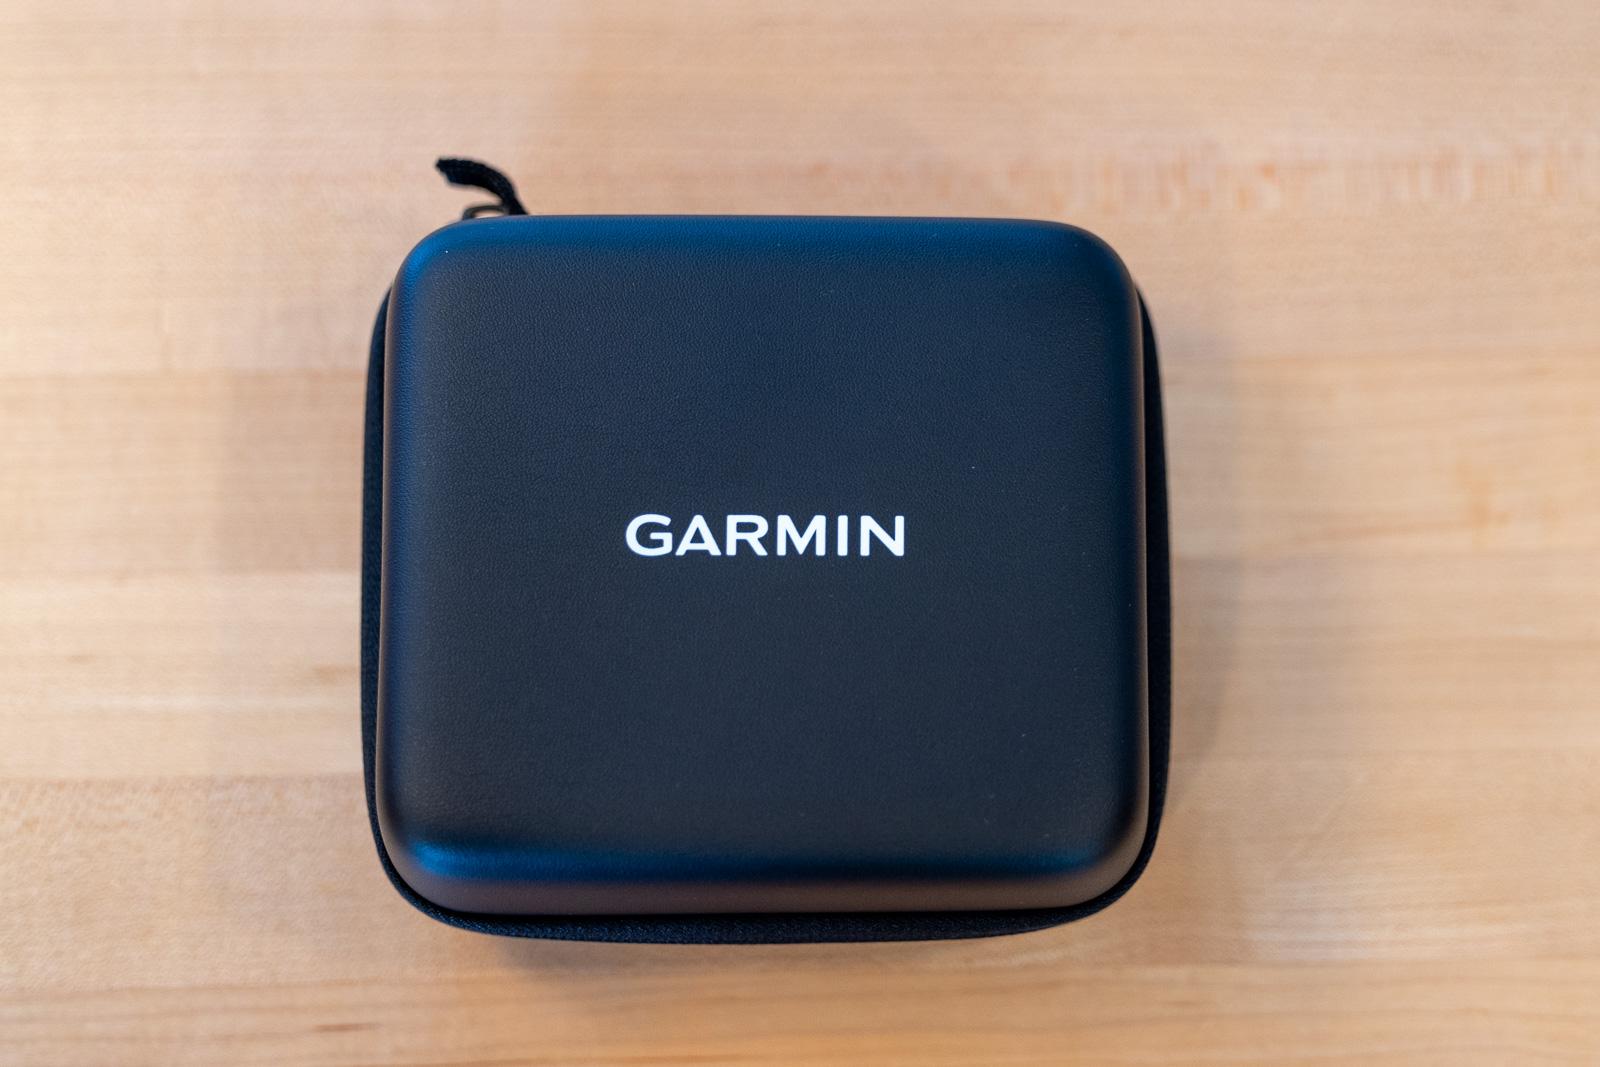 Garmin R10 Case